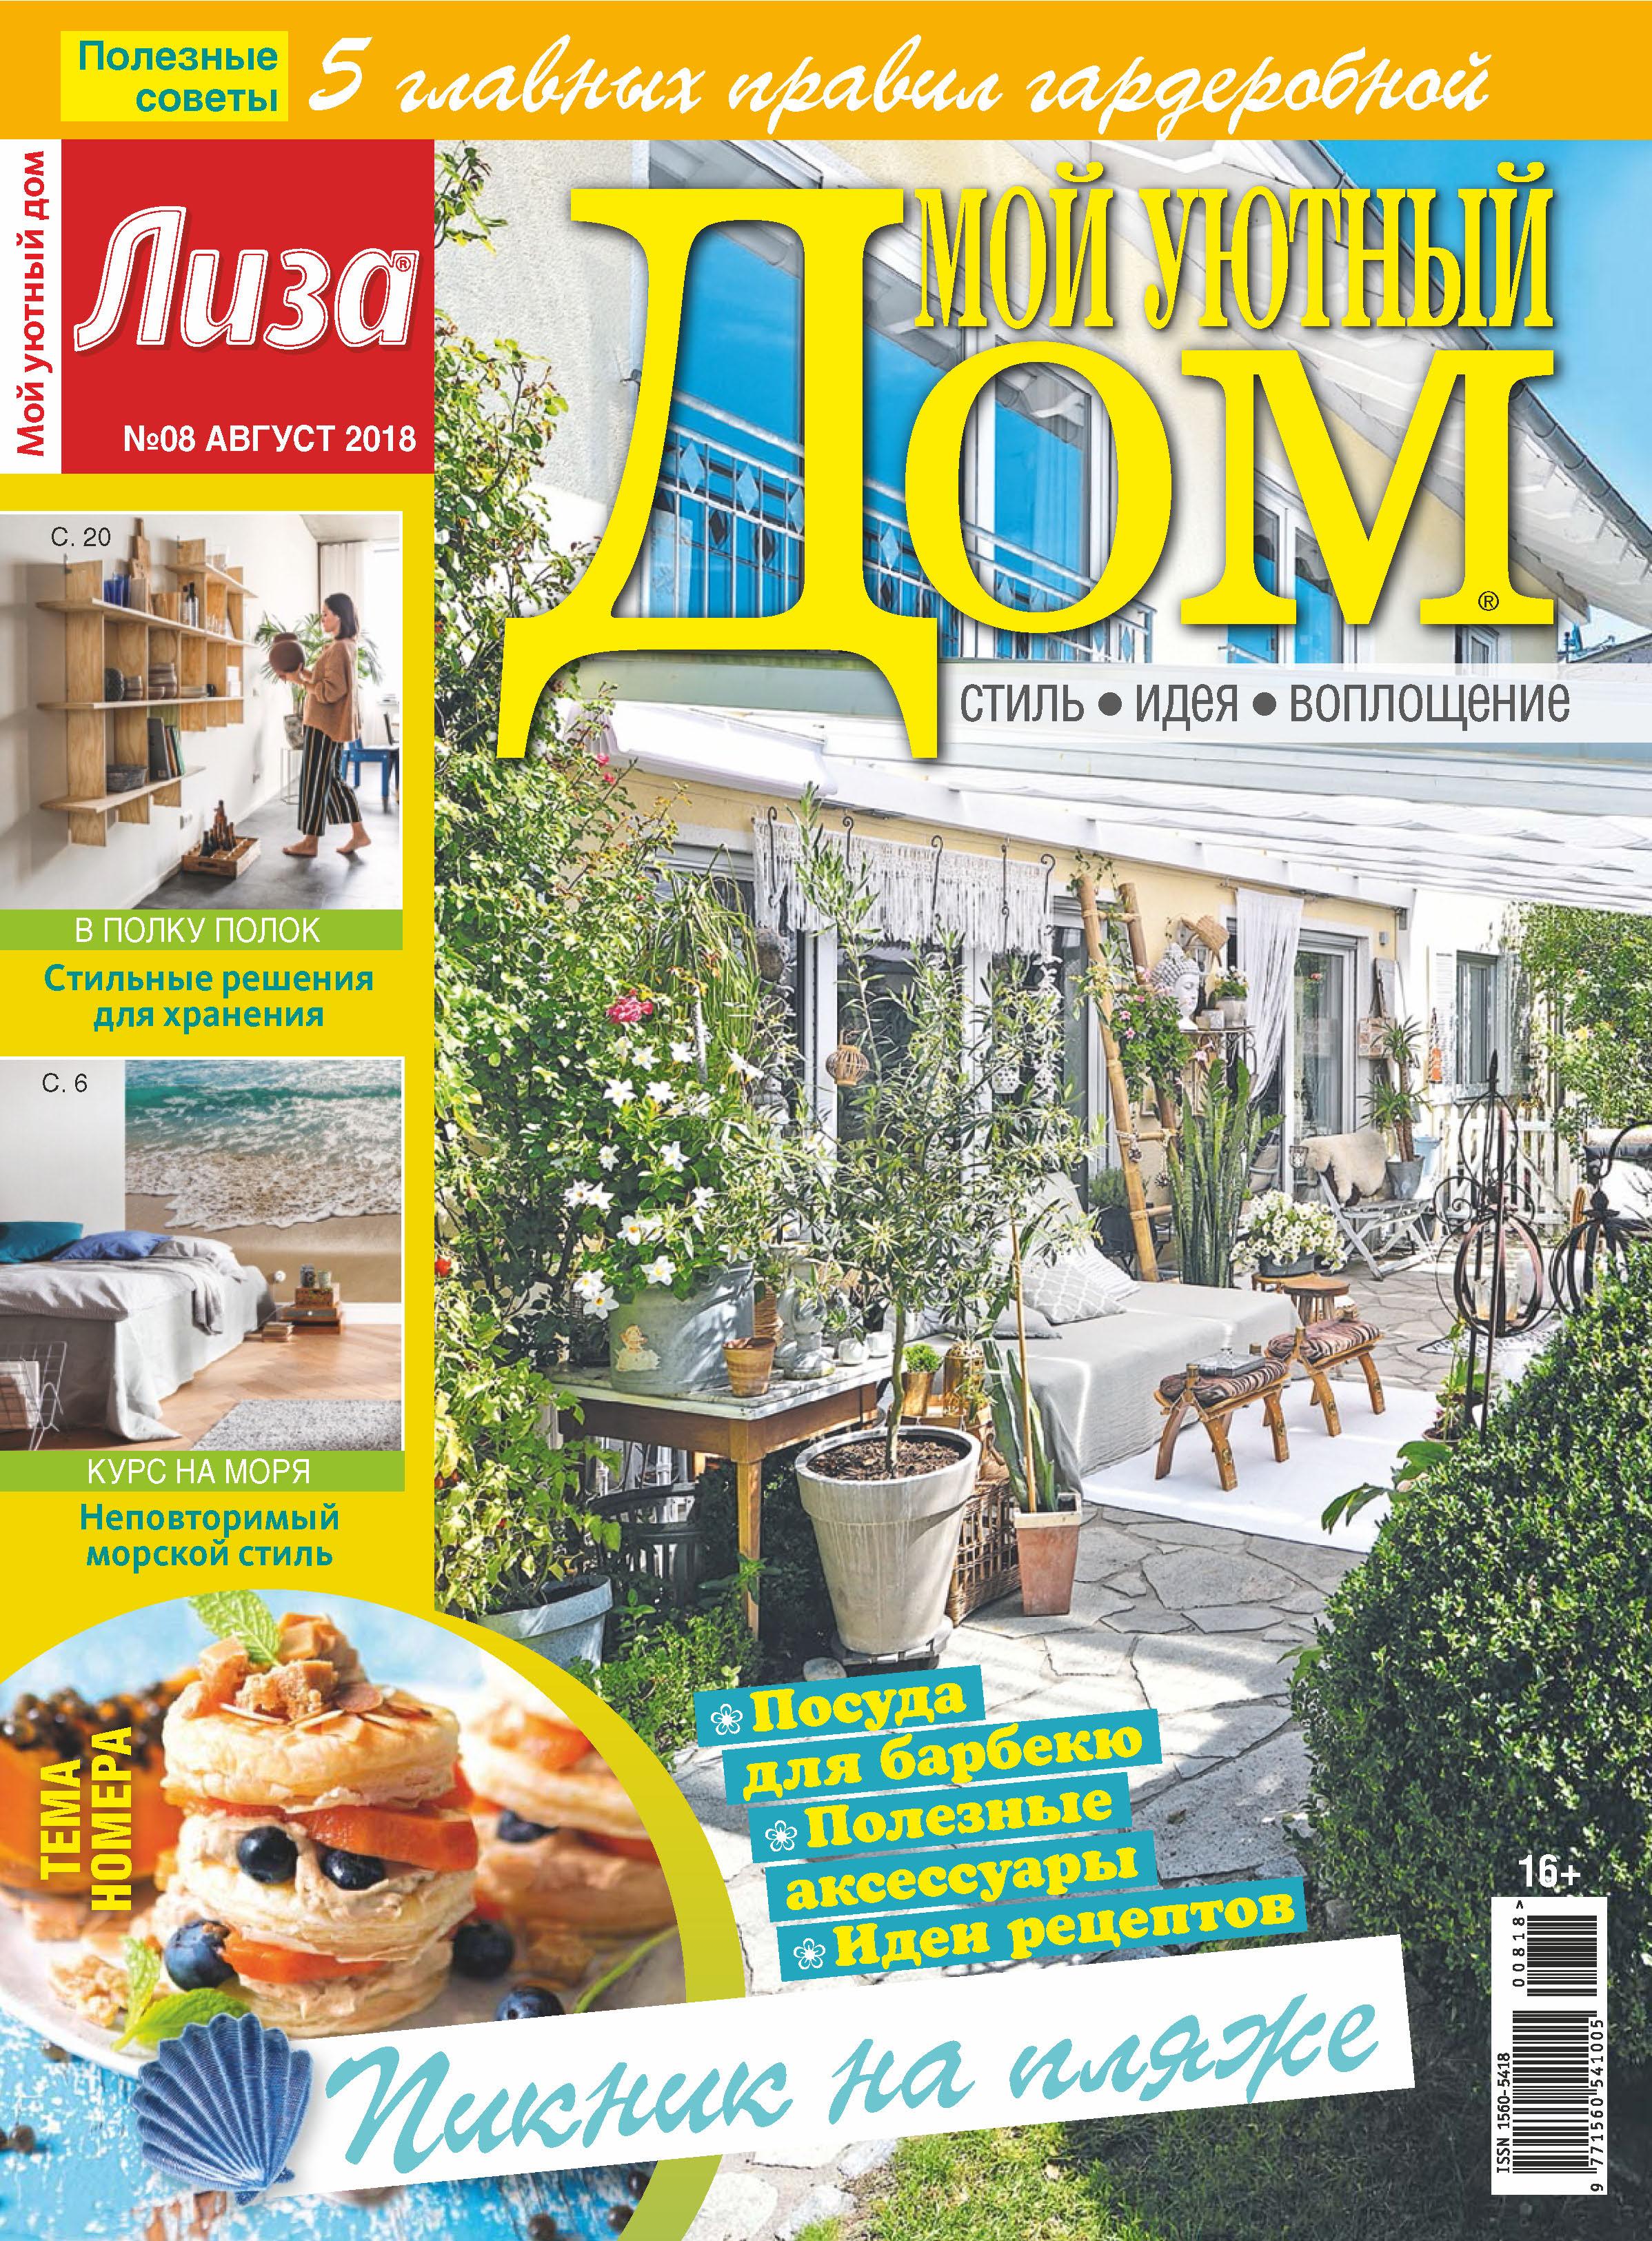 Отсутствует Журнал «Лиза. Мой уютный дом» №08/2018 отсутствует журнал лиза мой уютный дом 08 2018